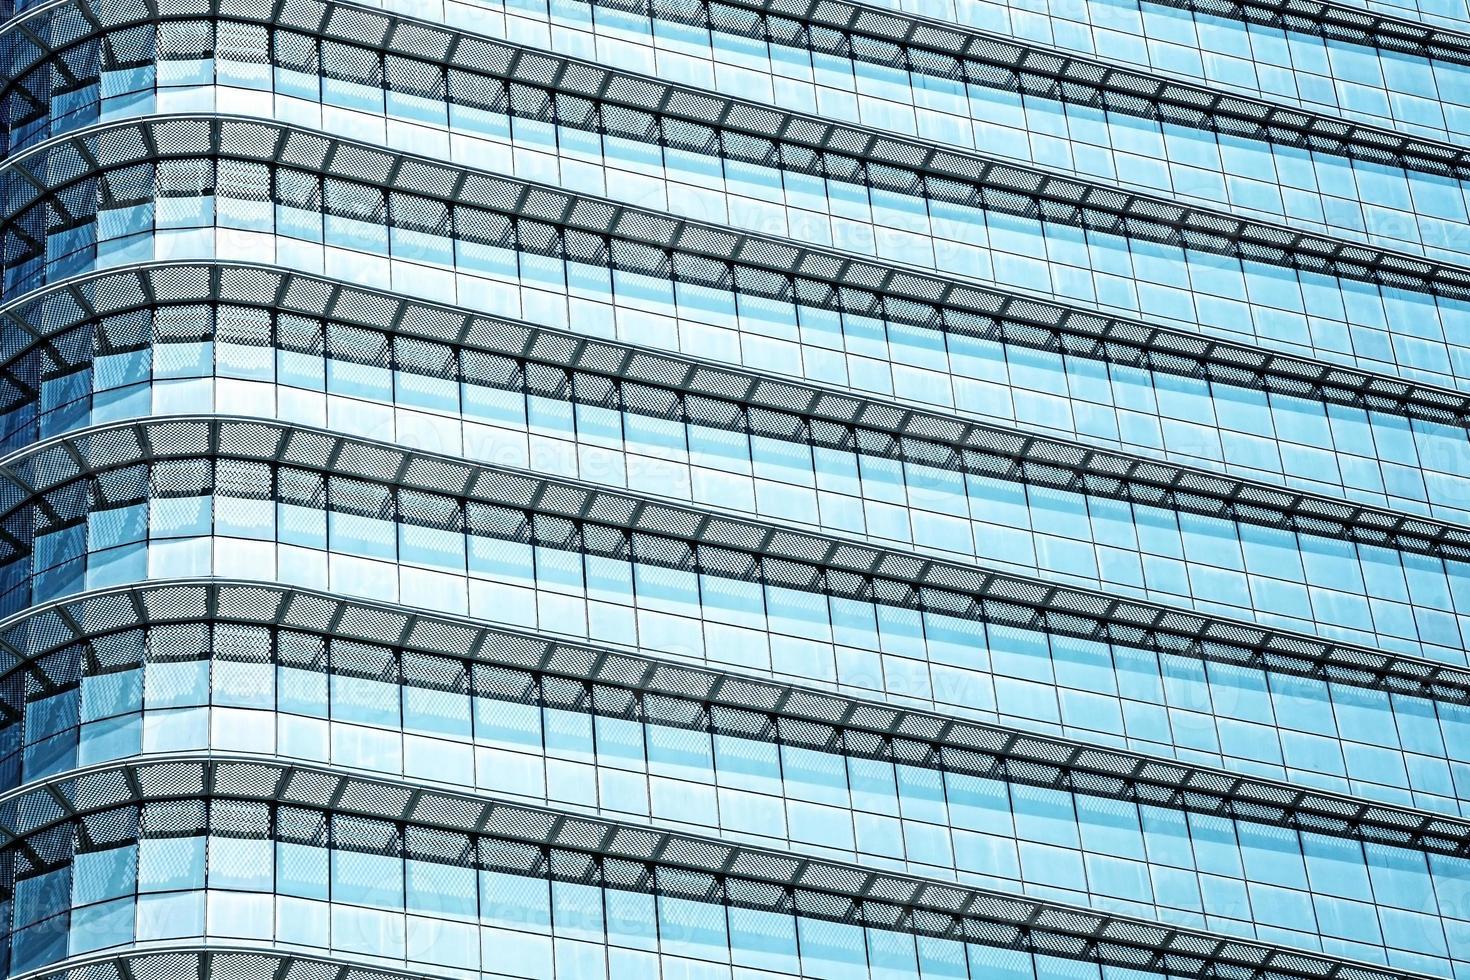 abstrait bleu, verre et acier d'un bâtiment moderne. photo